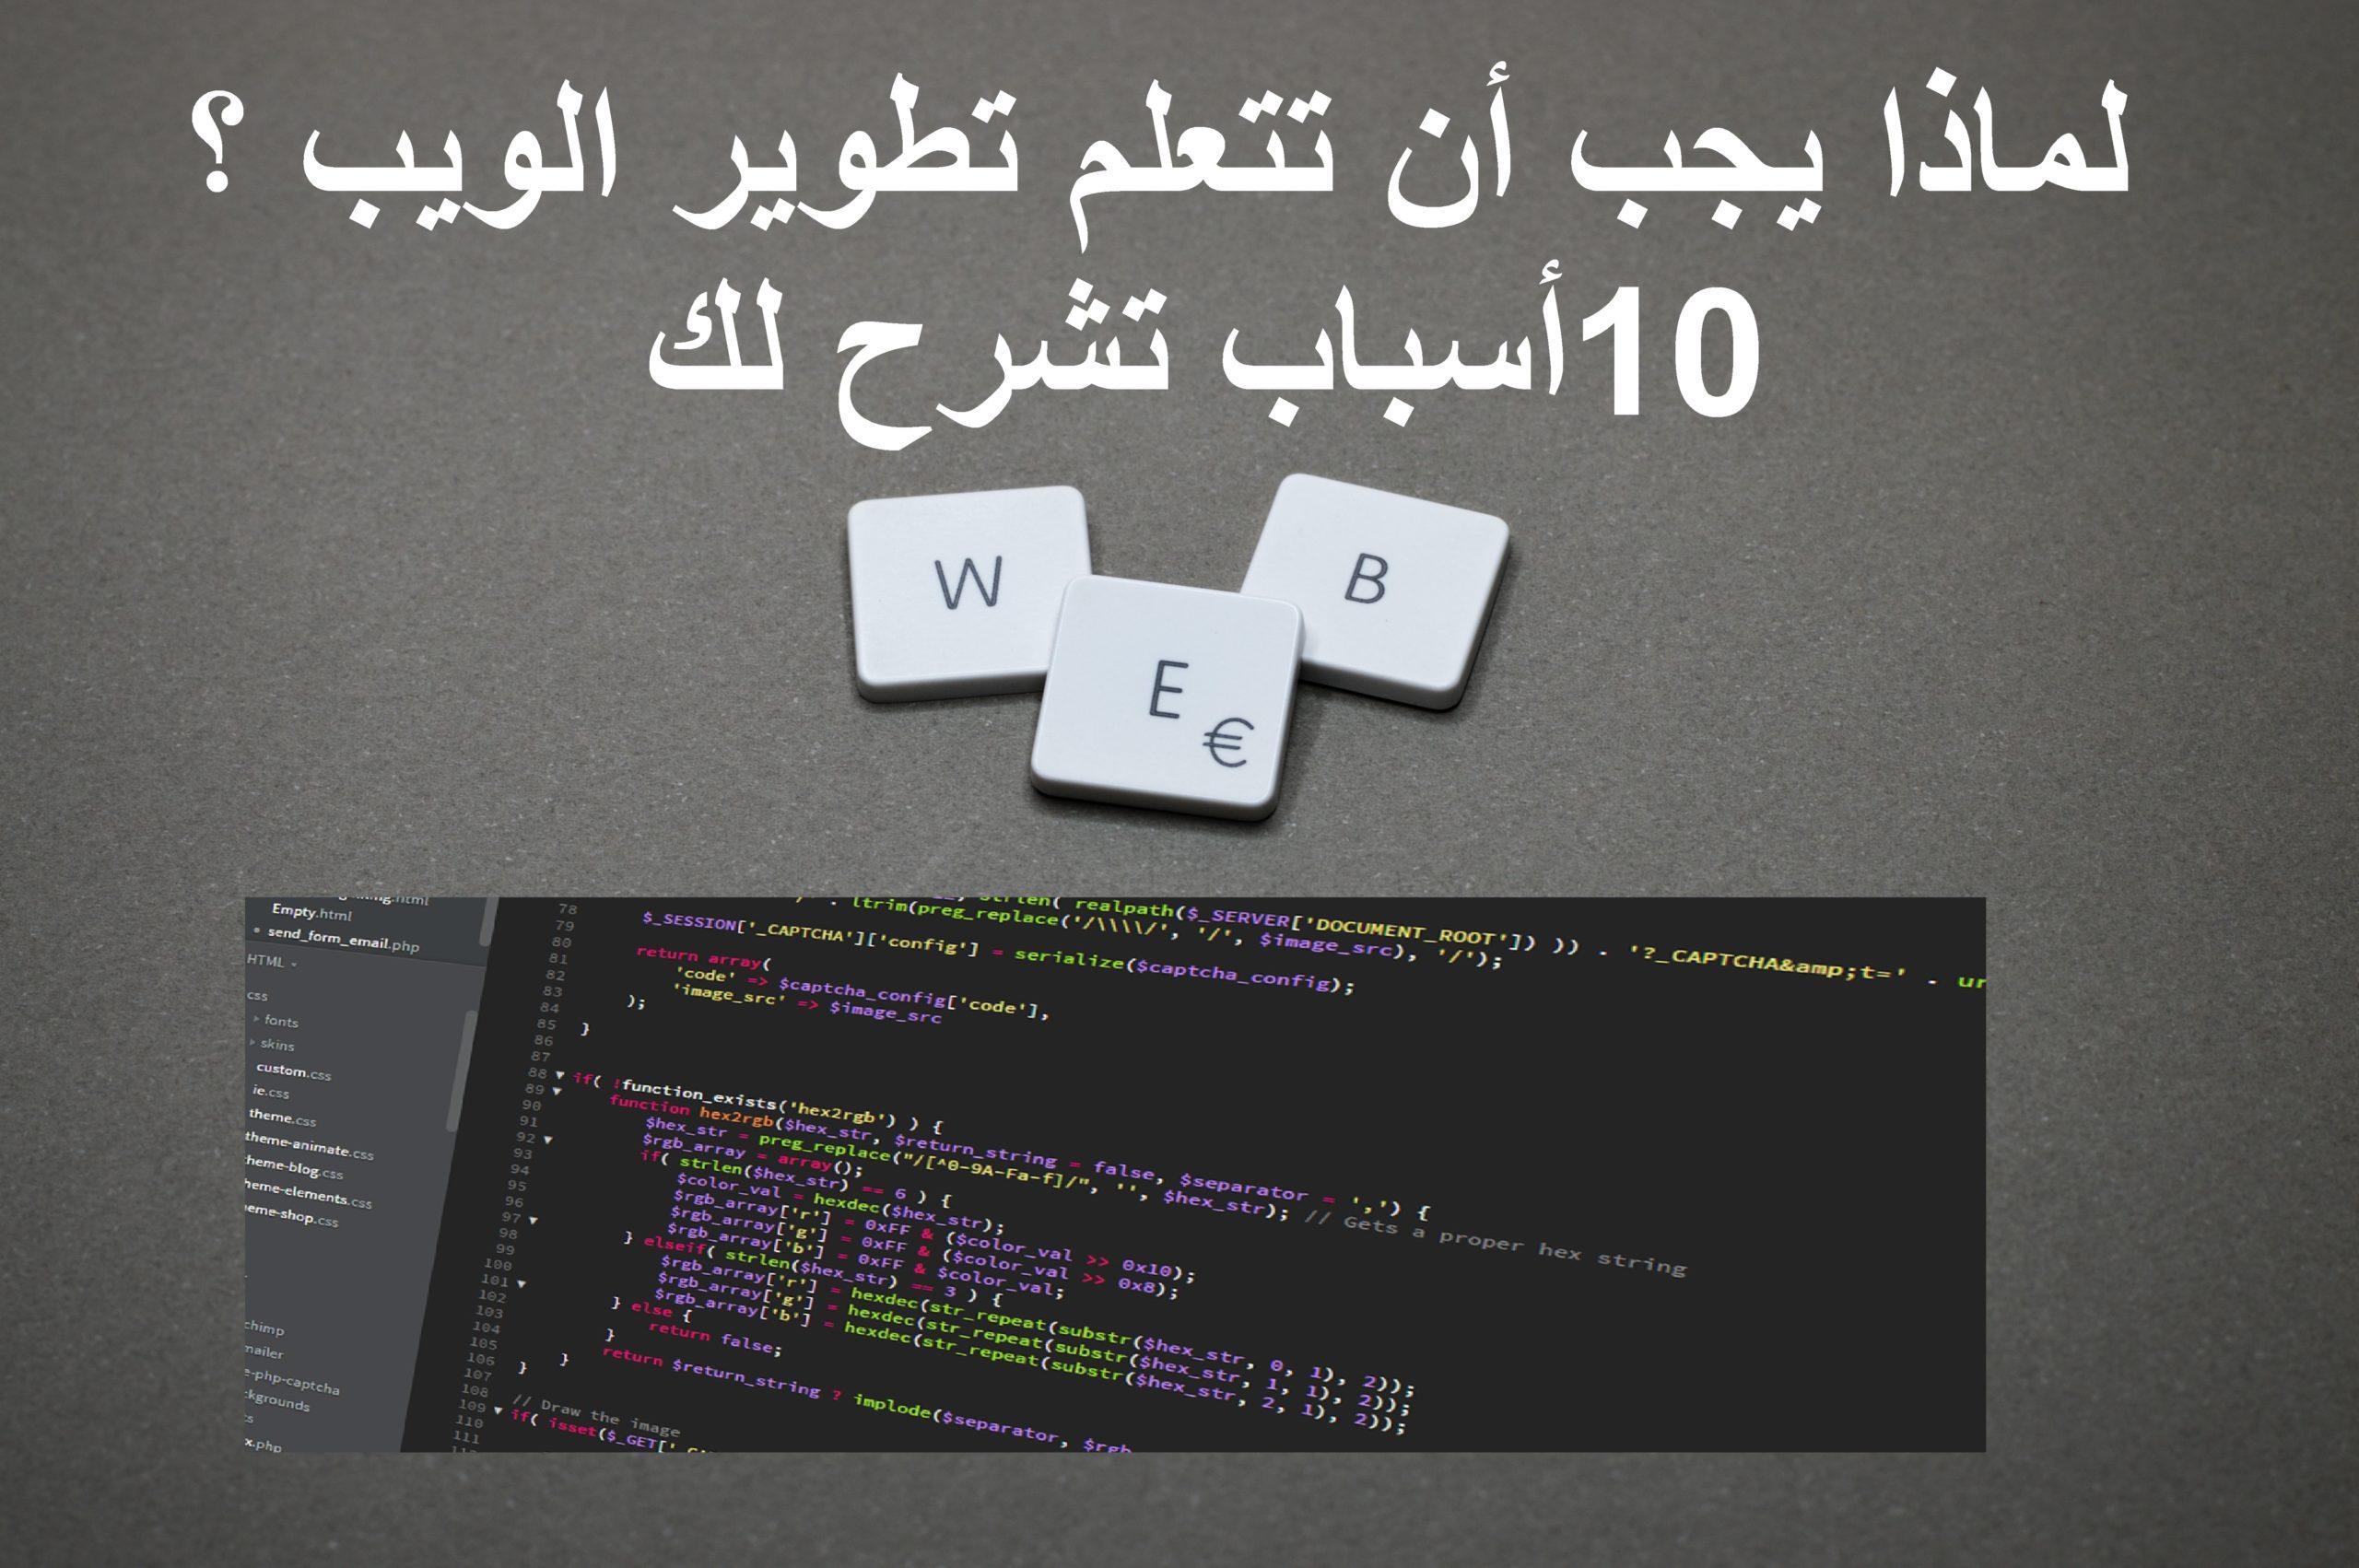 لماذا يجب أن تتعلم تطوير الويب؟ 10 أسباب